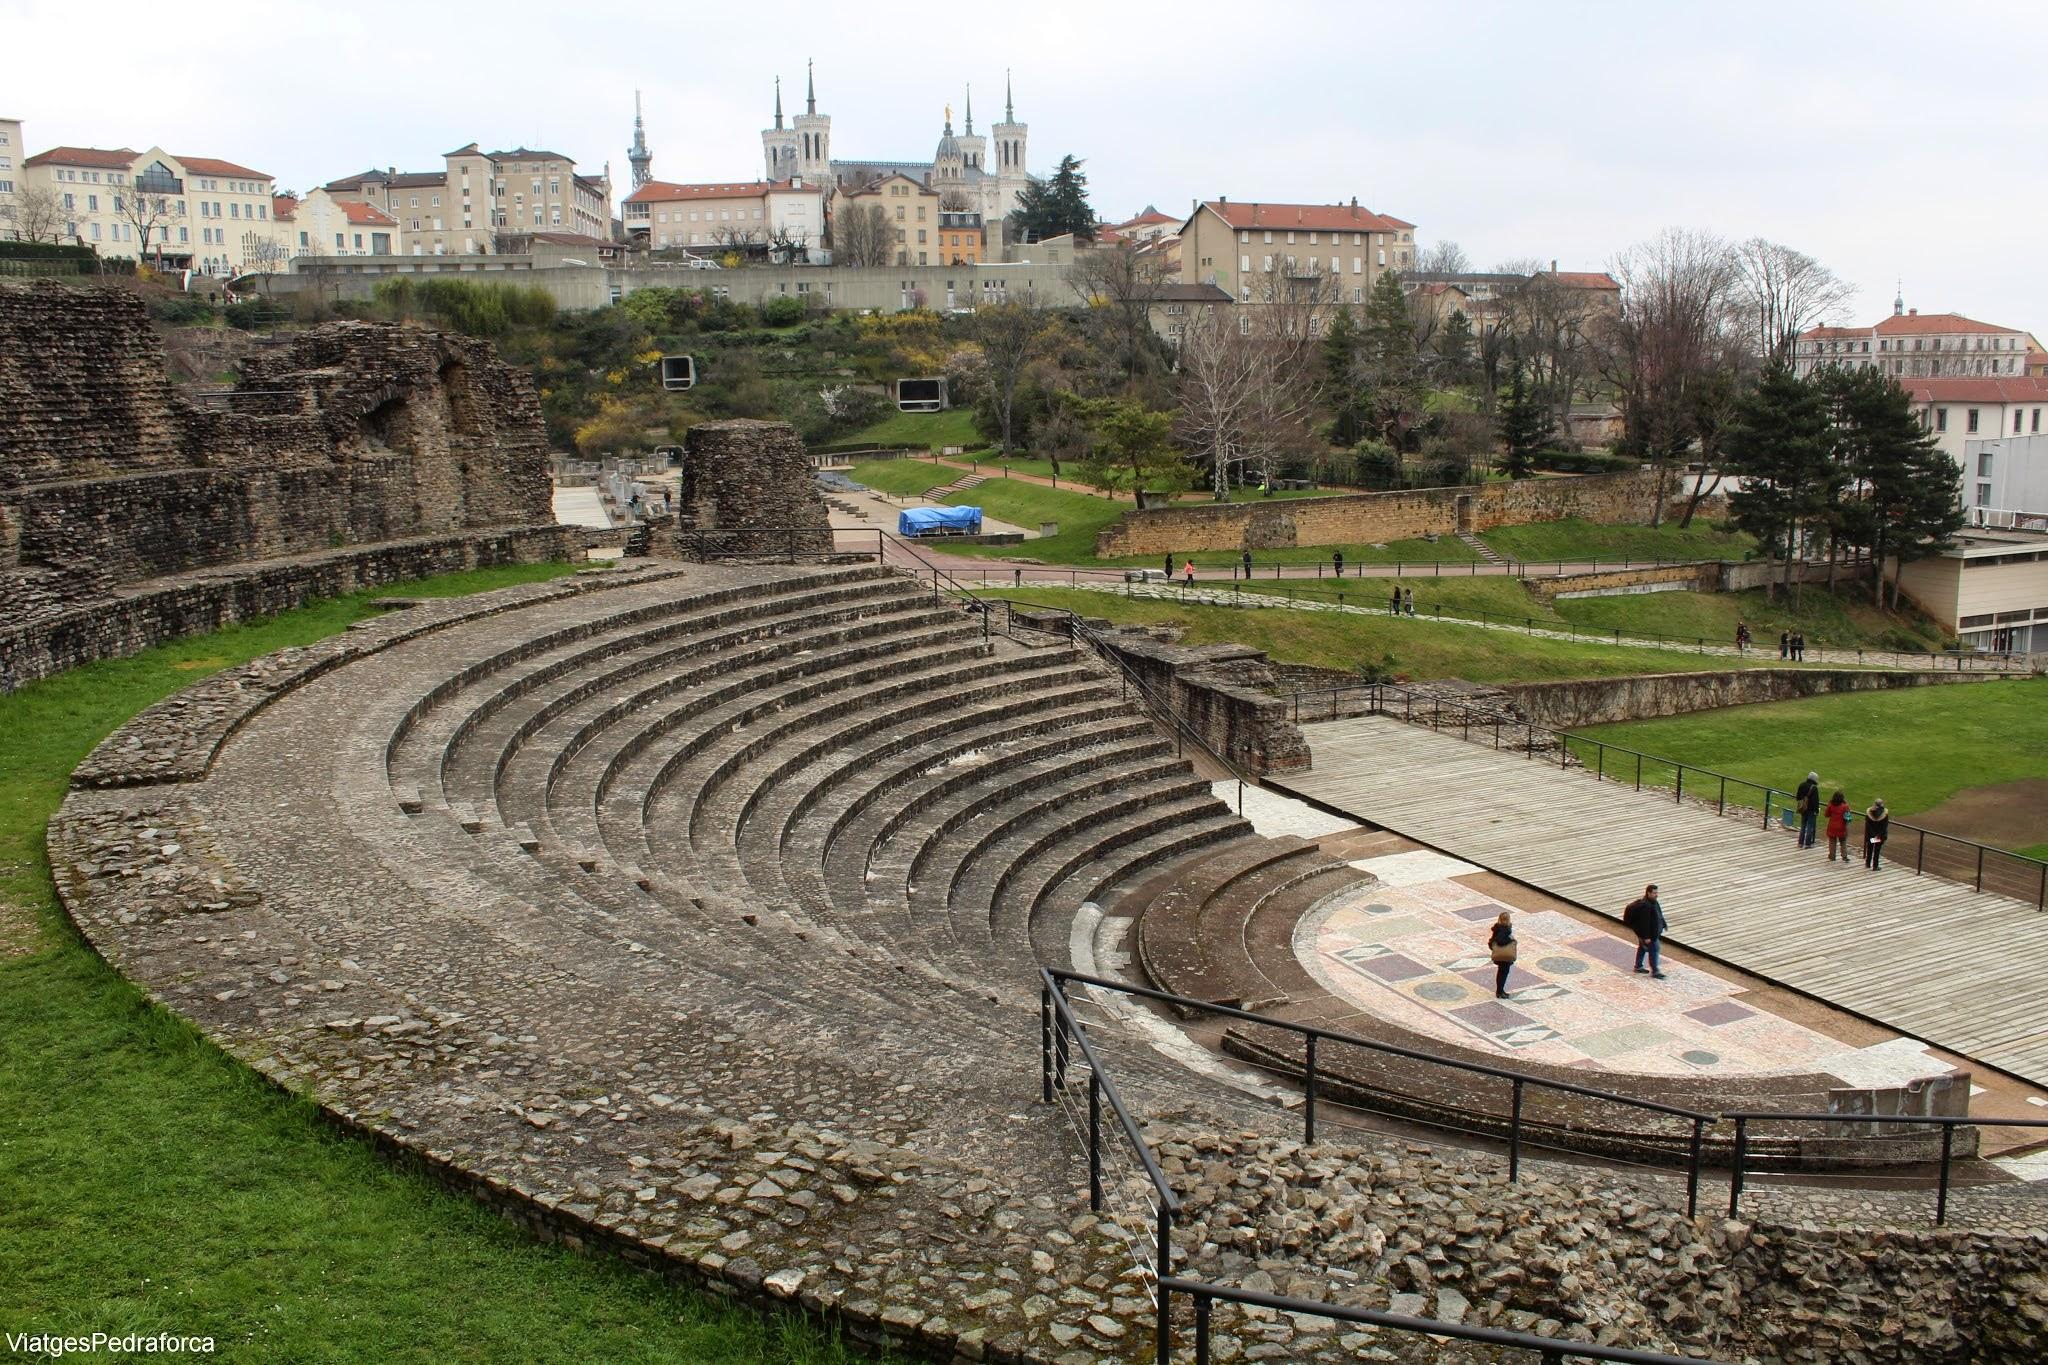 Lyon, Fourvière, Teatre romà, Odeó romà, Notre-Dame de Fourvière, Lió, Rône-Alpes, França, France